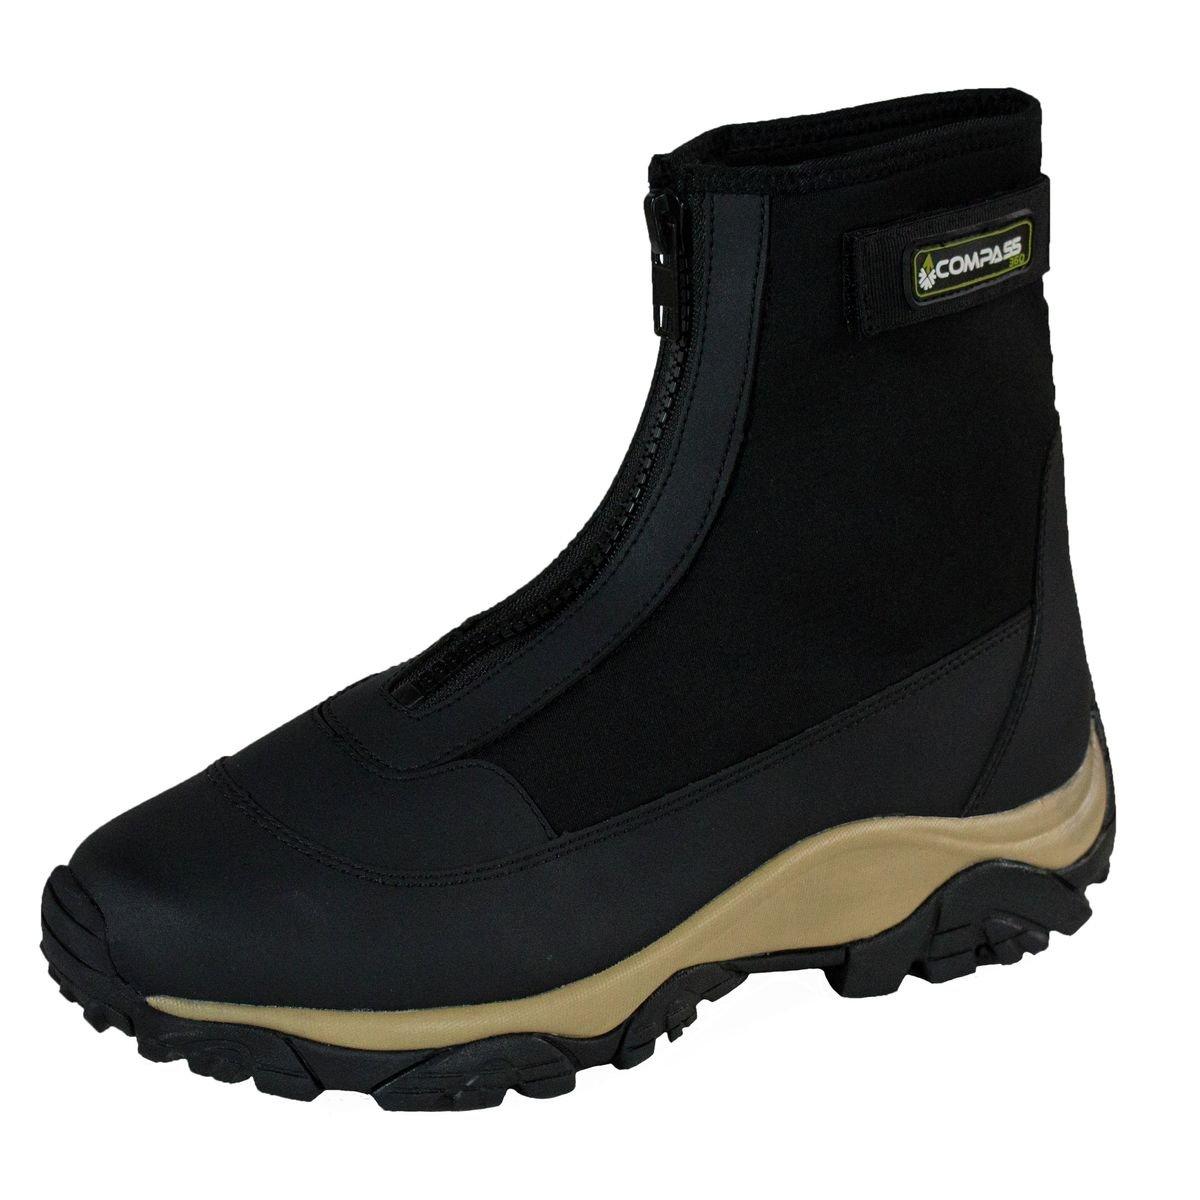 大特価放出! コンパス360ポートO 'connorネオプレンFlats Wading Wading Shoe Shoe、ブラック、ブラック 8 B071YQJPGX B071YQJPGX, イチカワチョウ:8bcb3943 --- a0267596.xsph.ru